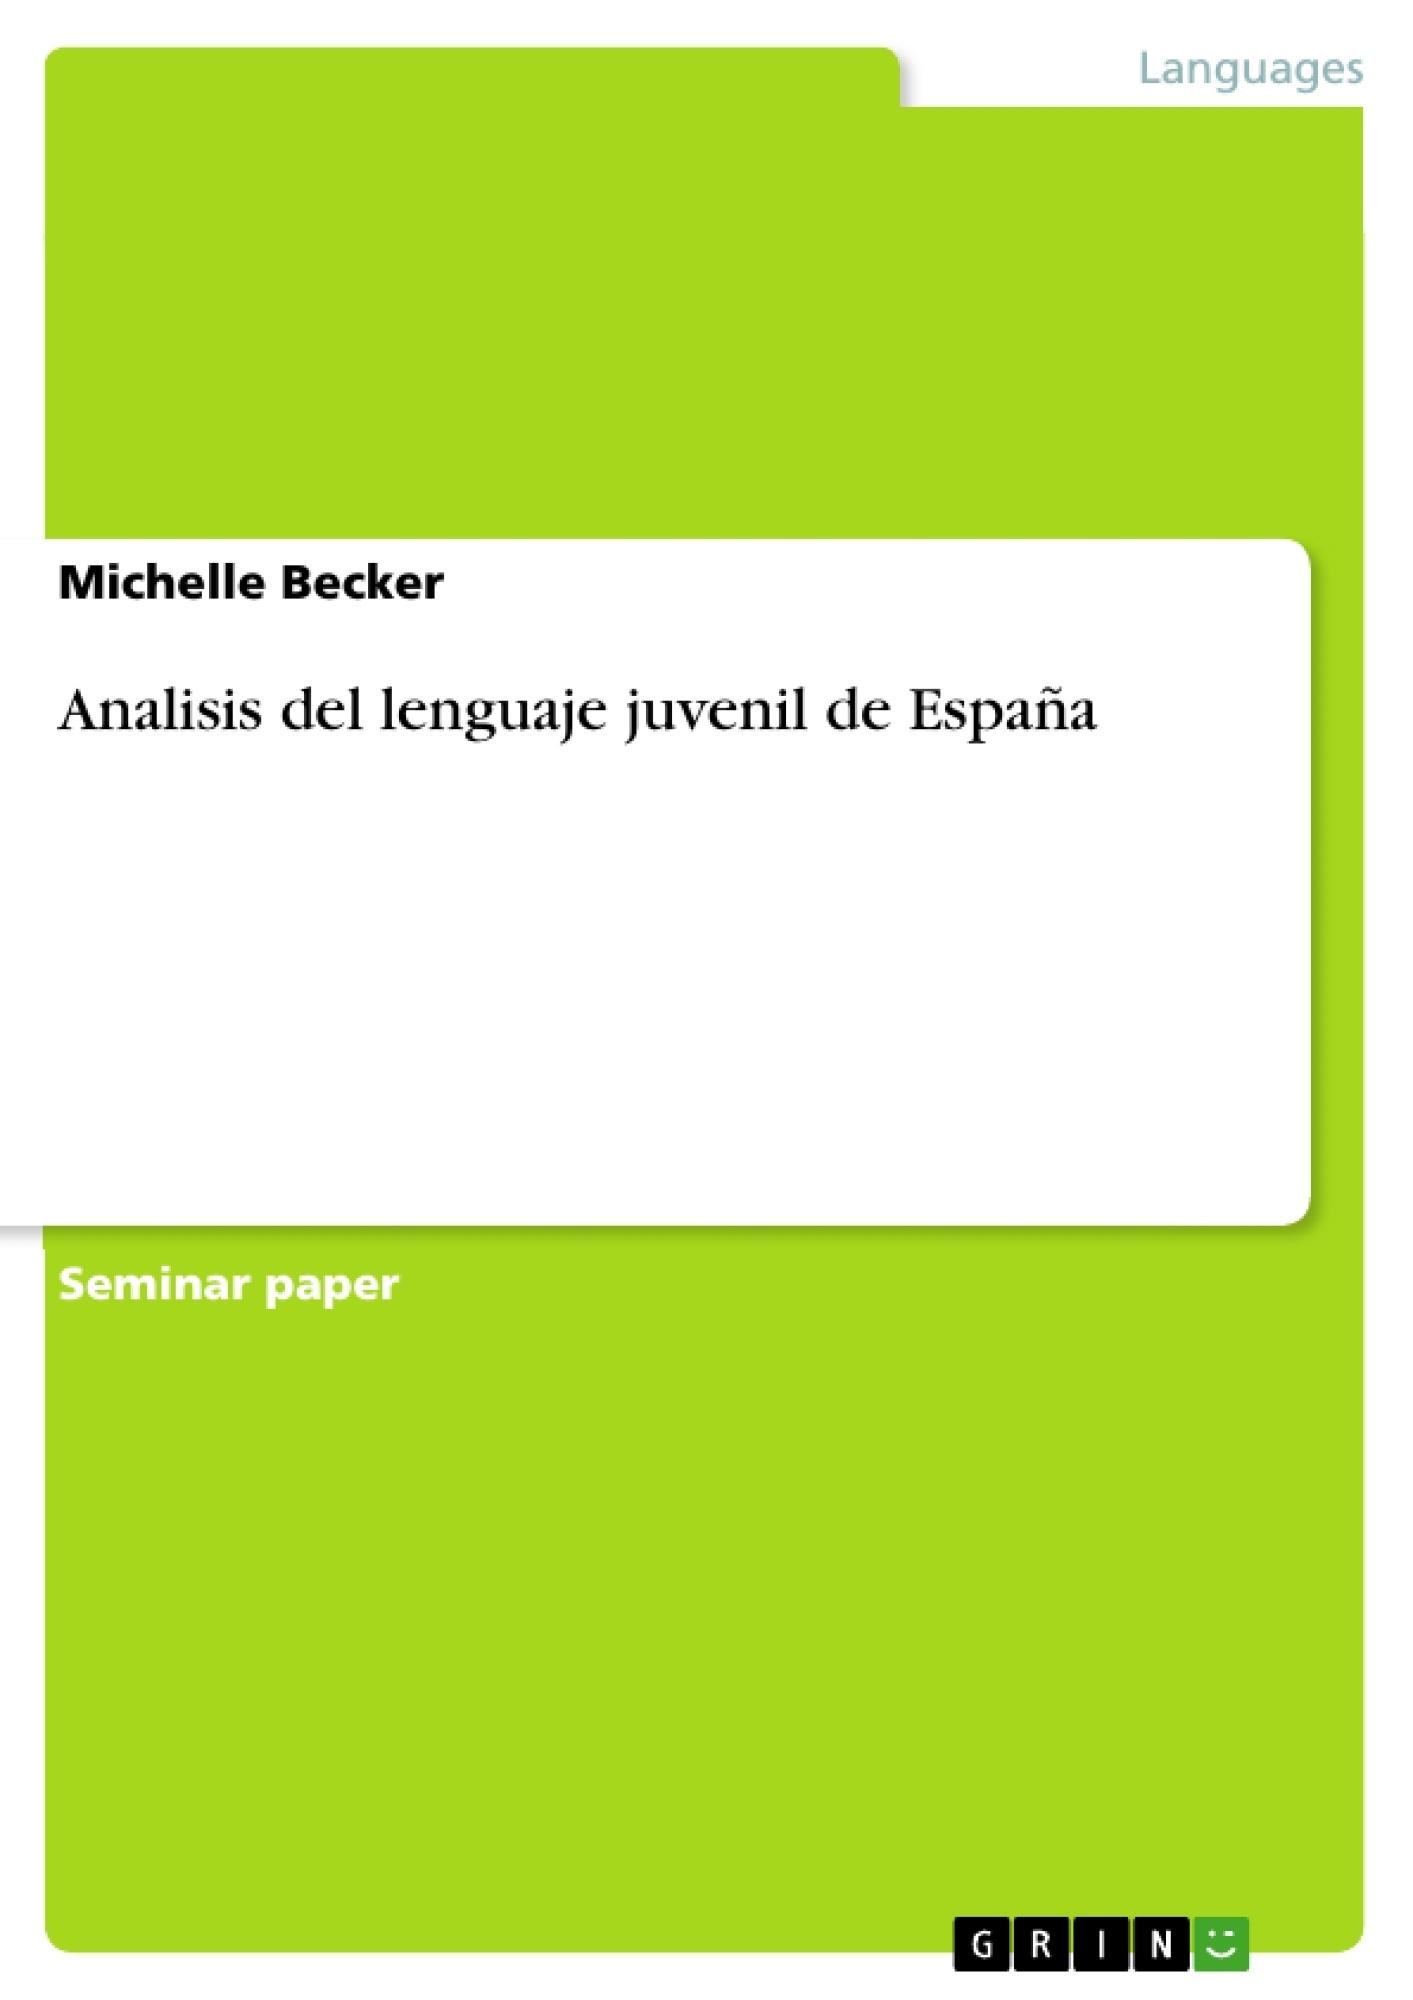 Título: Analisis del lenguaje juvenil de España